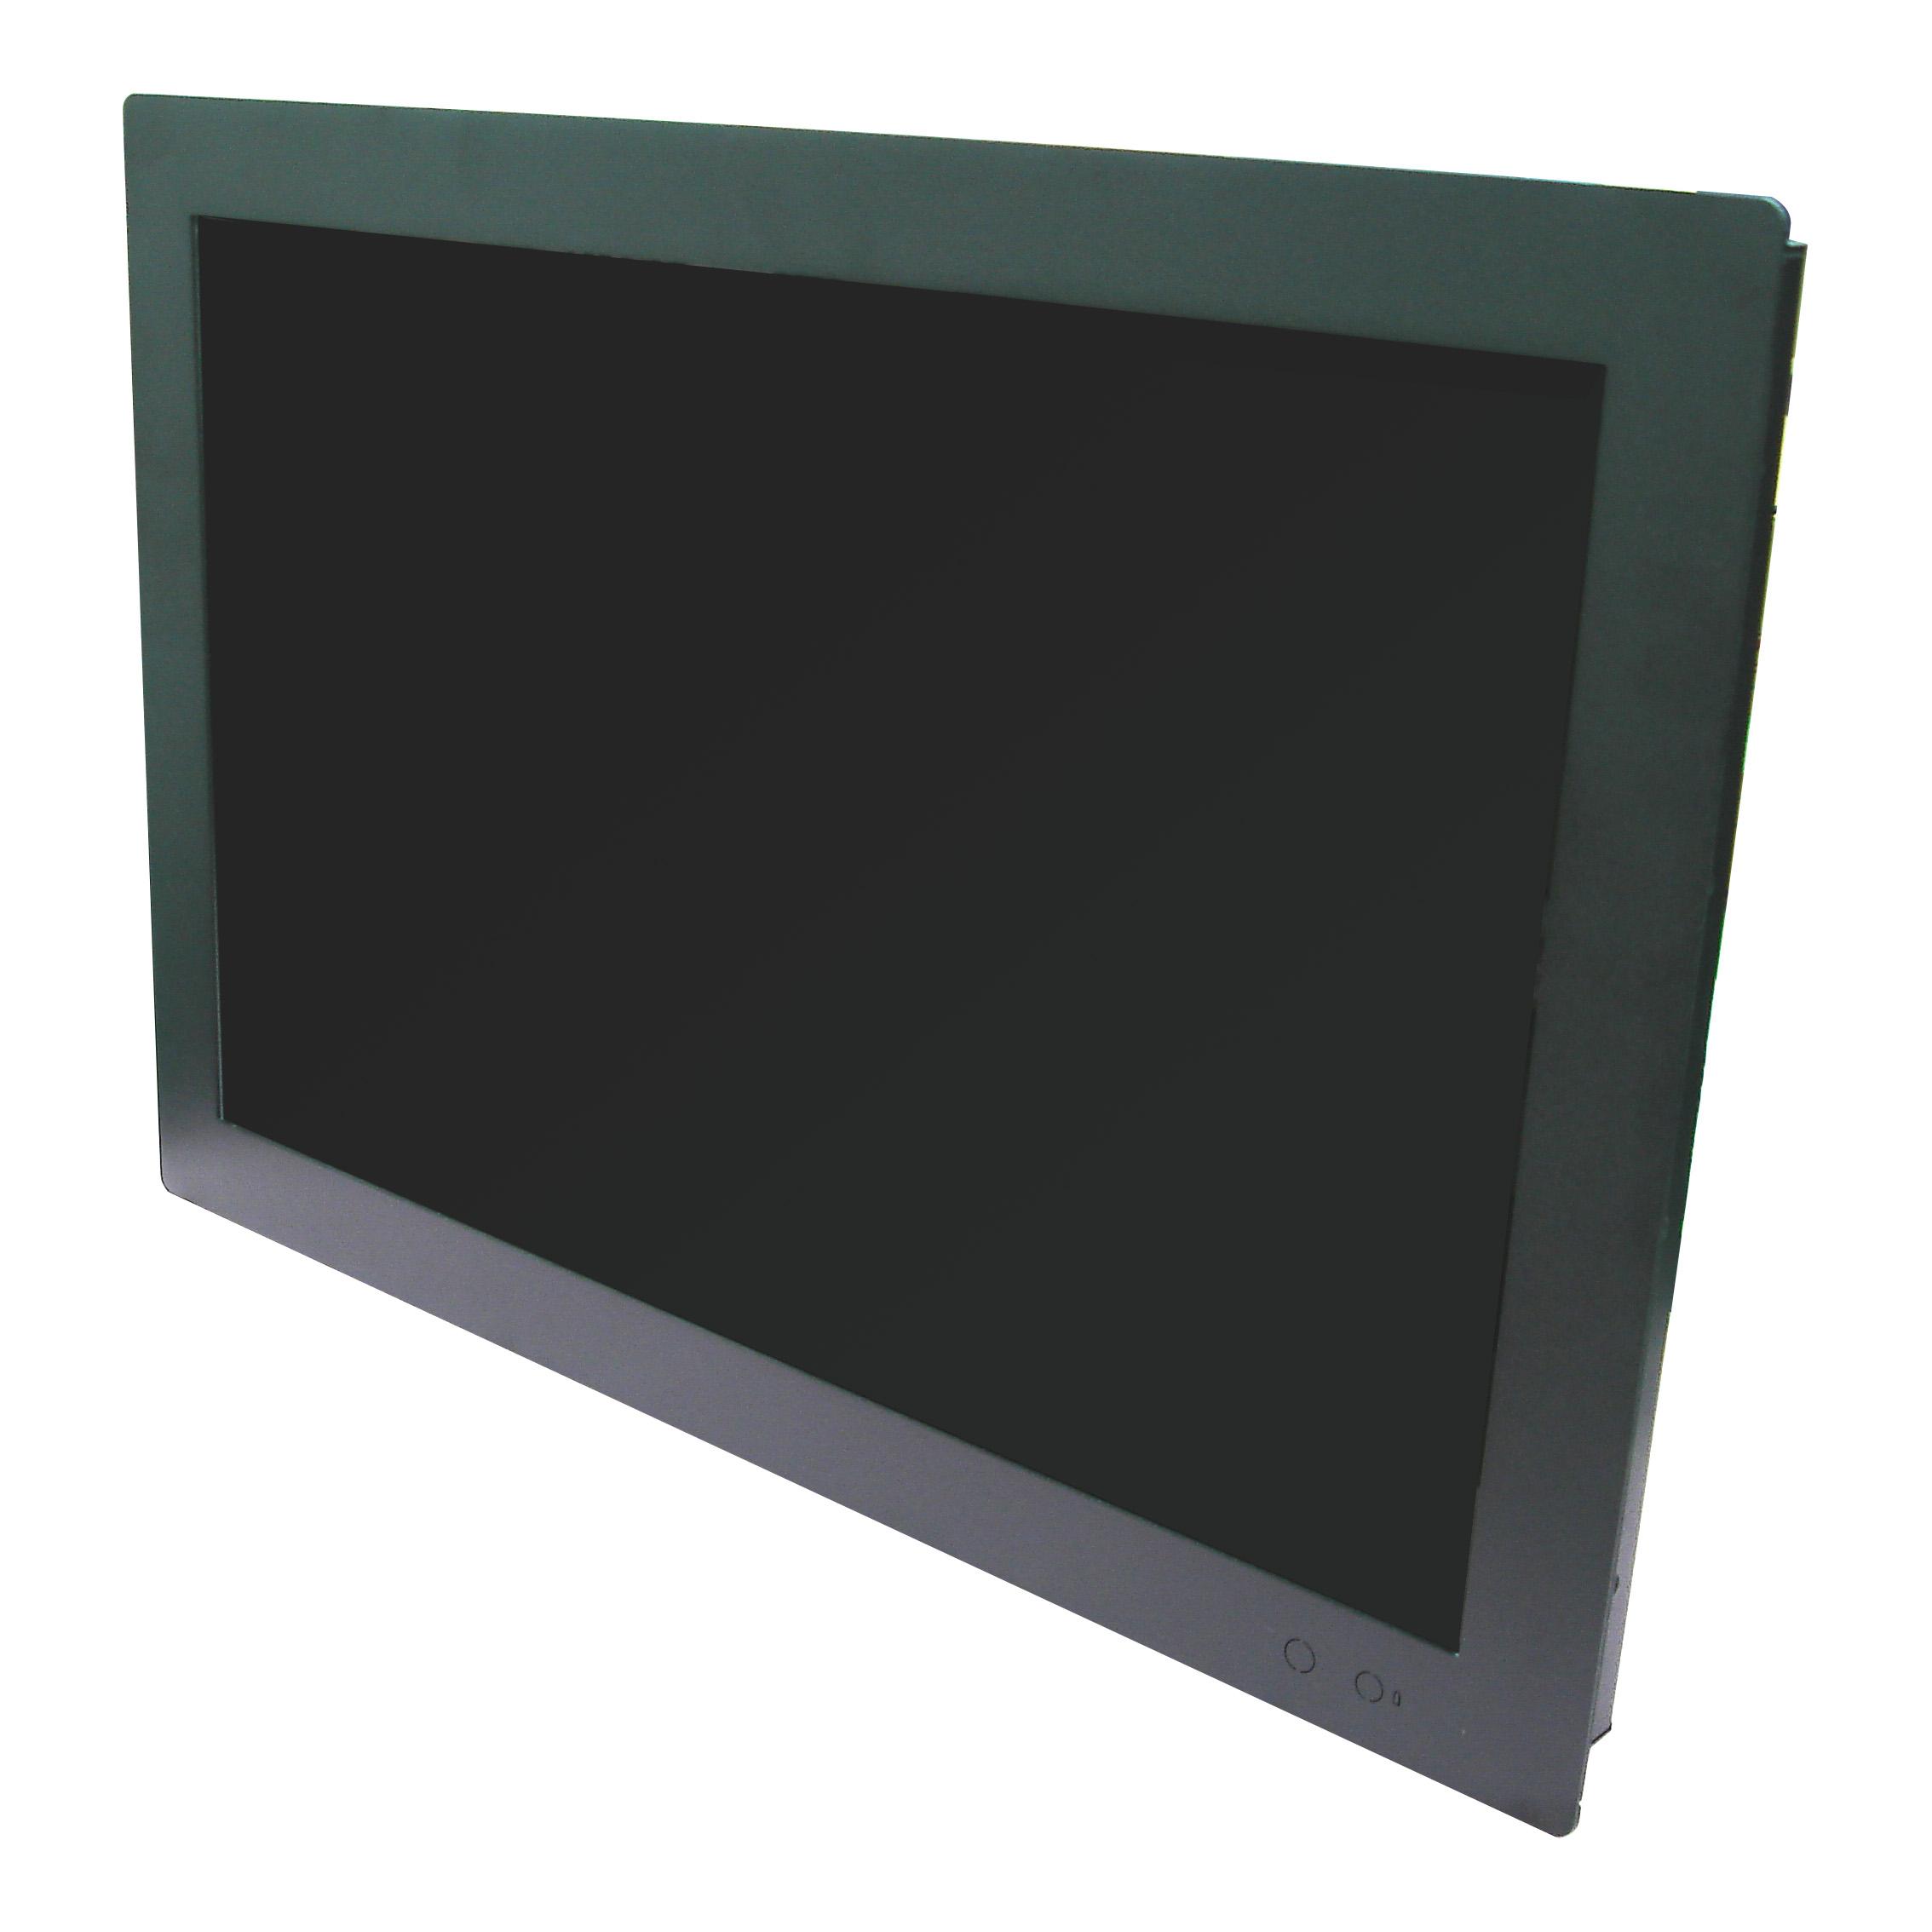 22-дюймовые широкоформатные ЖК-дисплеи повышенной яркости для применений в локальных цифровых видеосетях (Digital Signage)